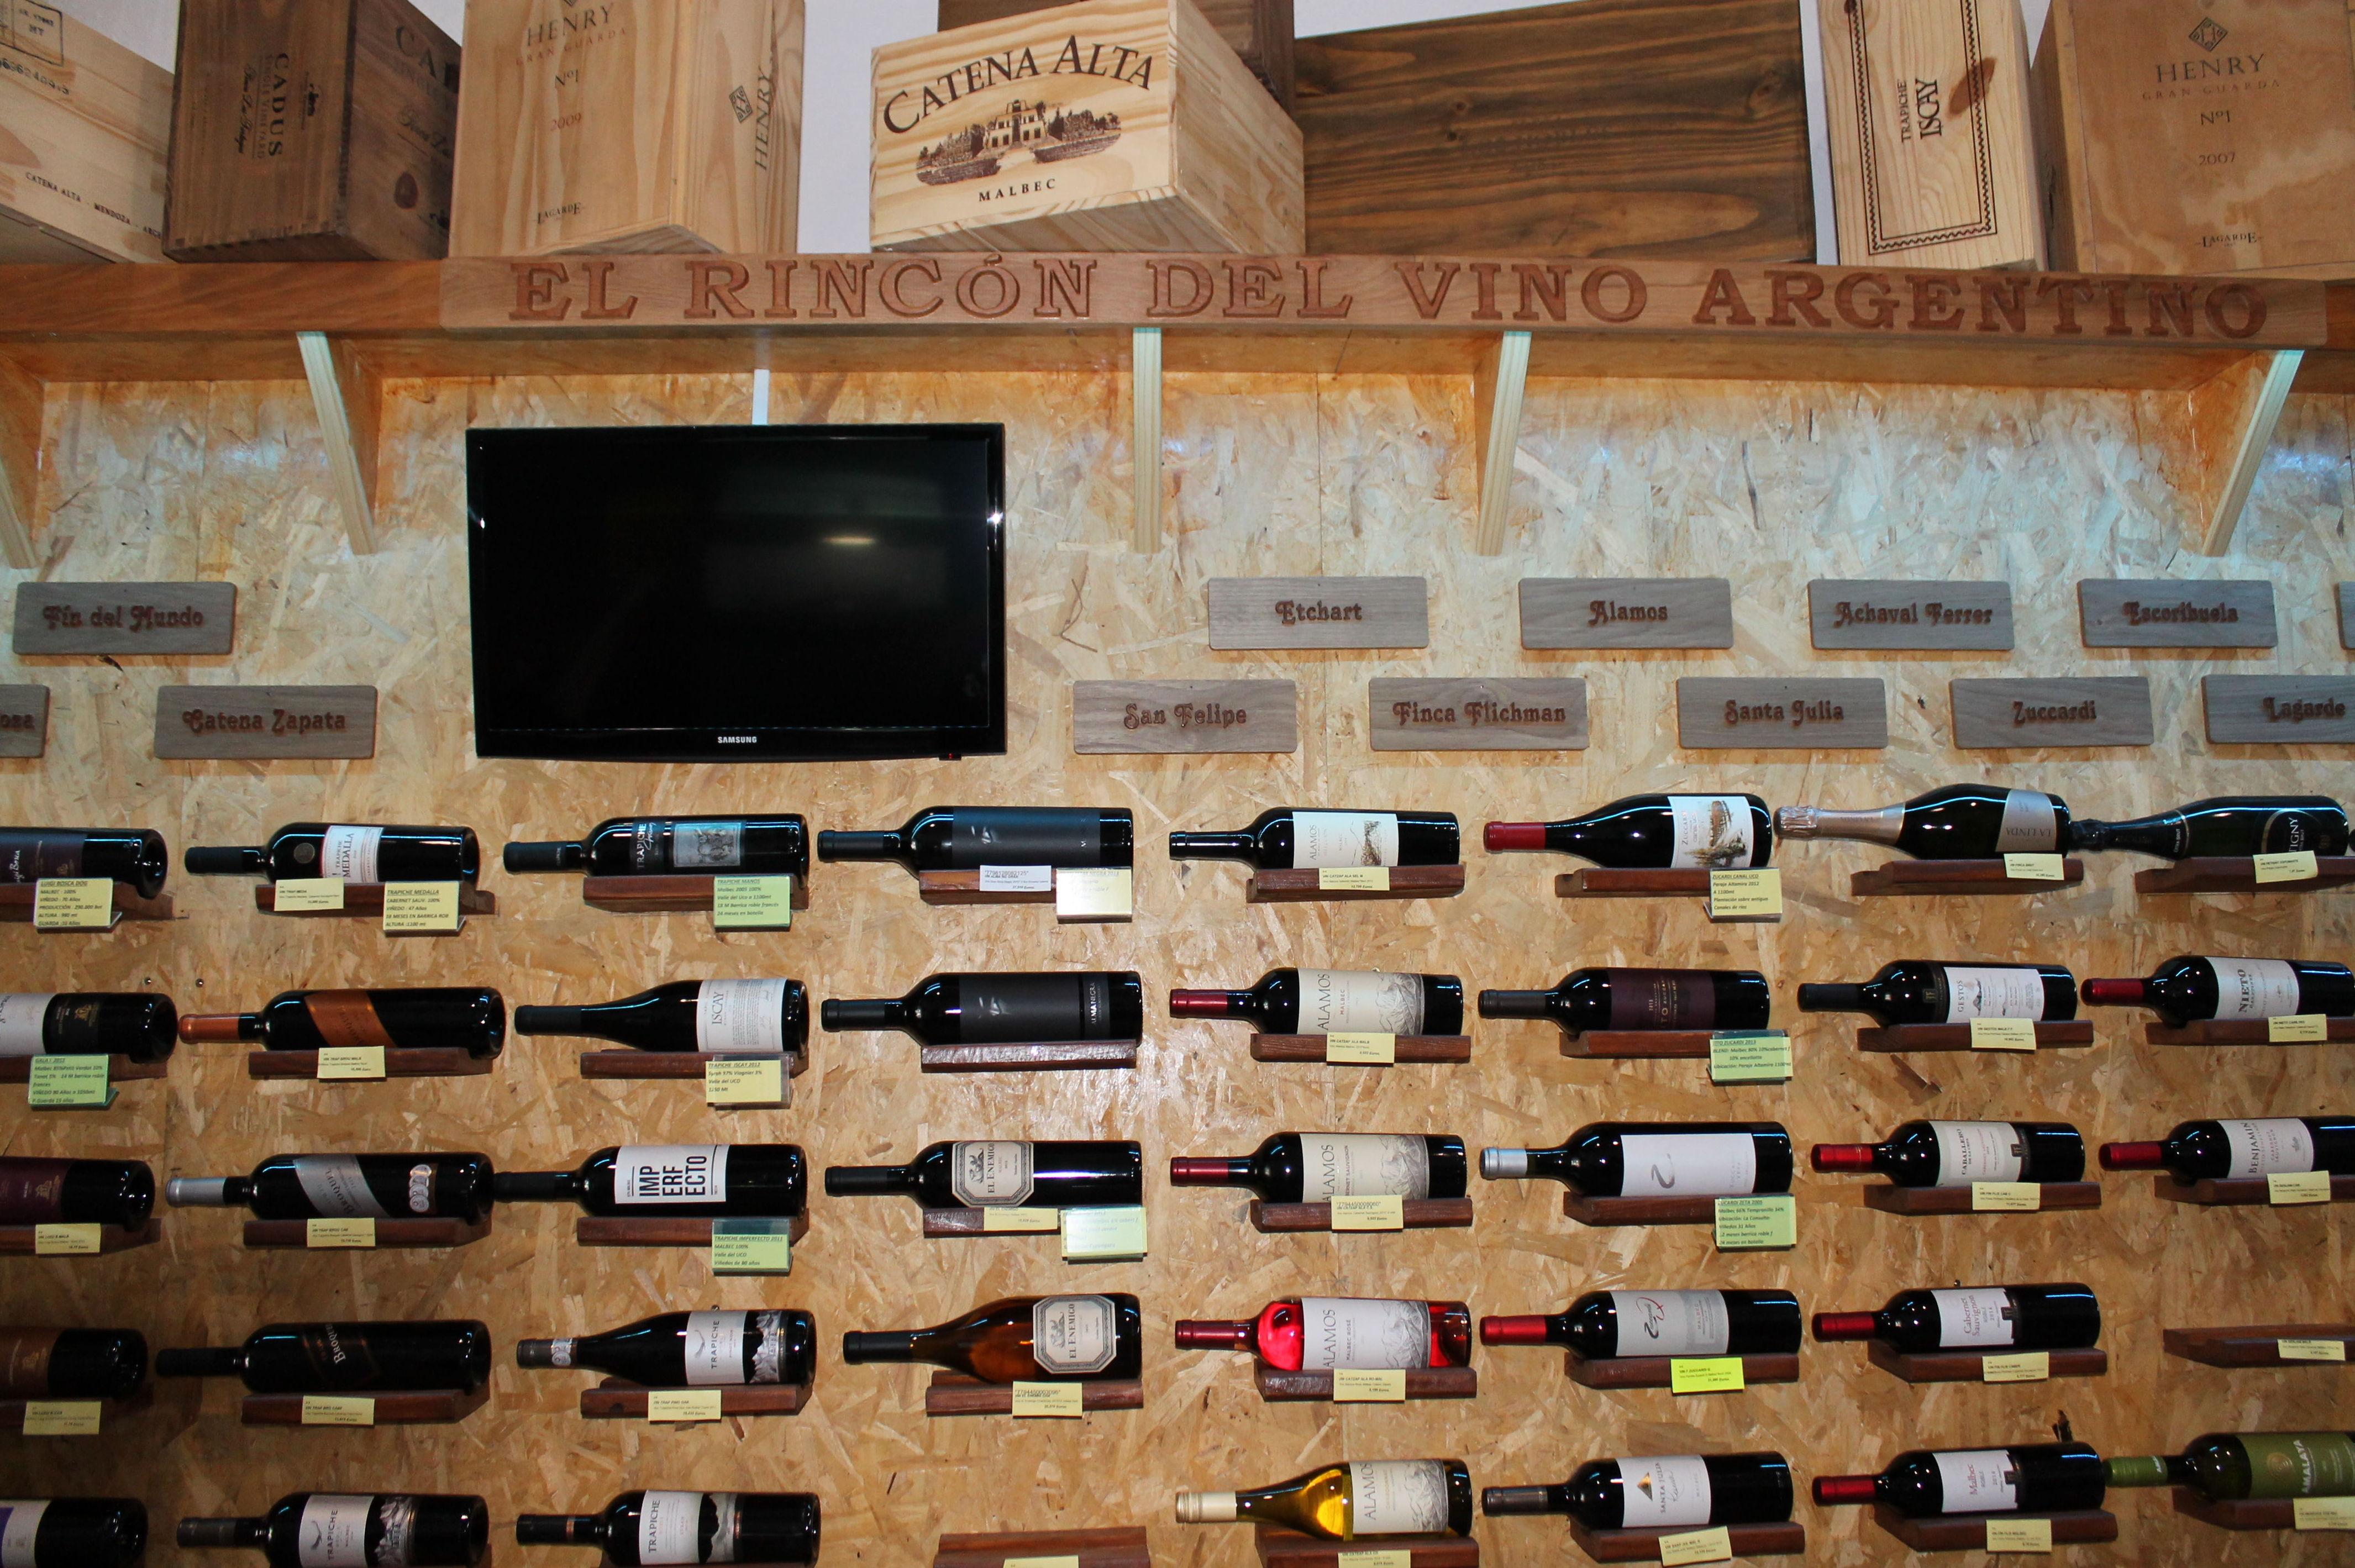 el rincon del vino argentino